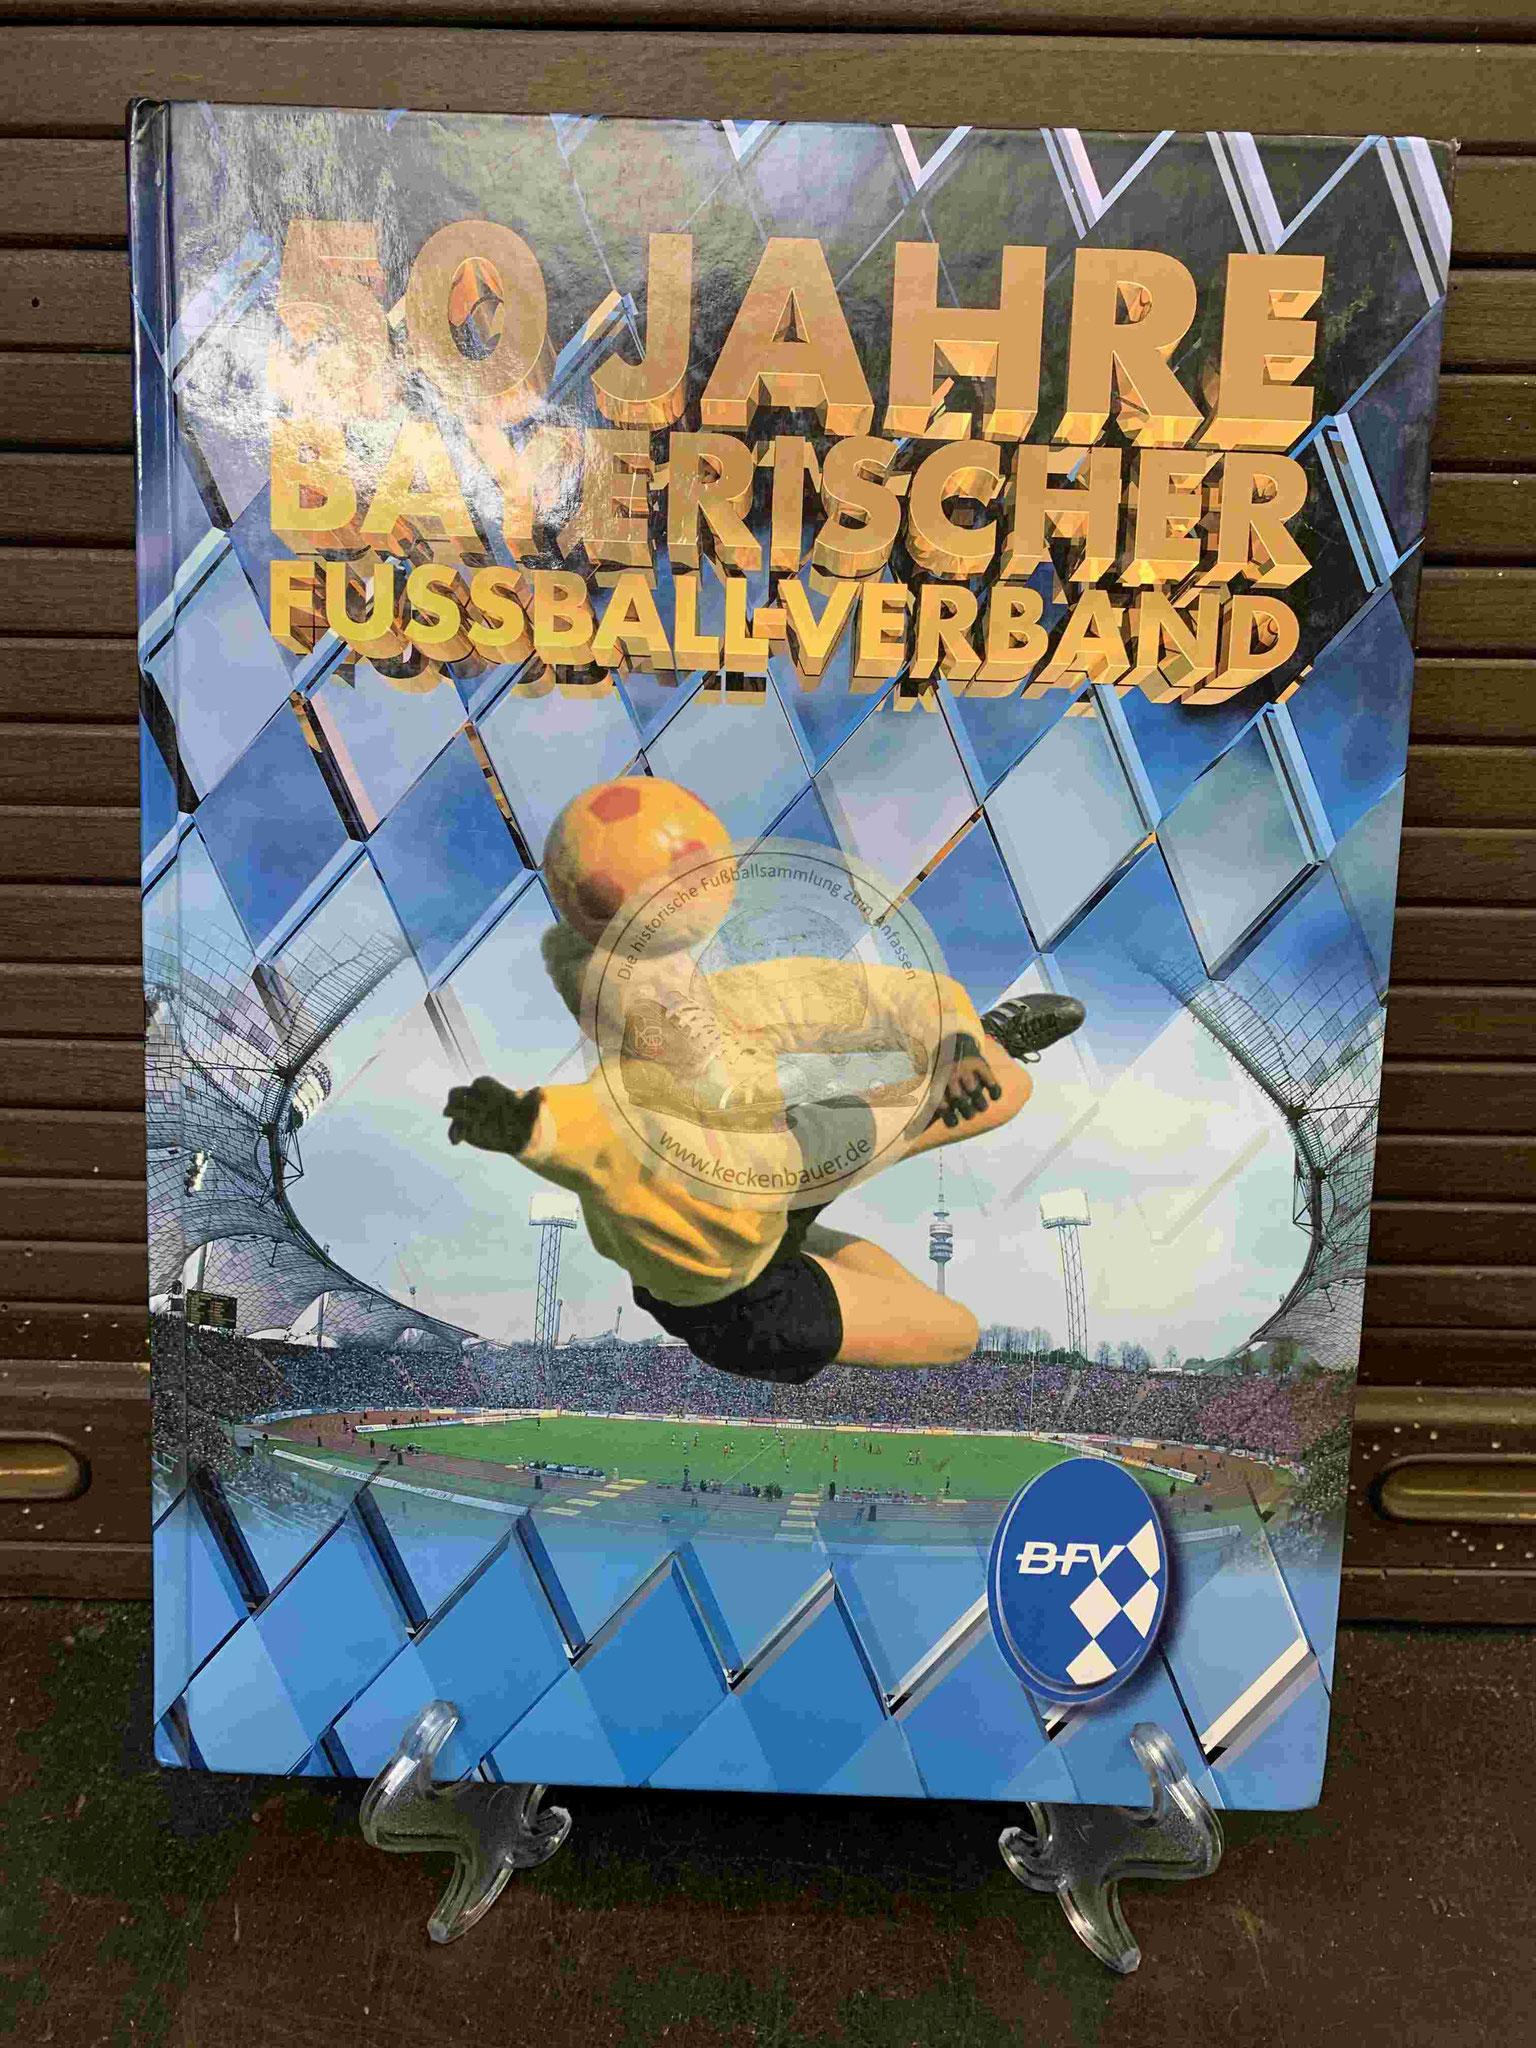 50 Jahre Bayrischer Fußball Verband aus dem Jahr 1995